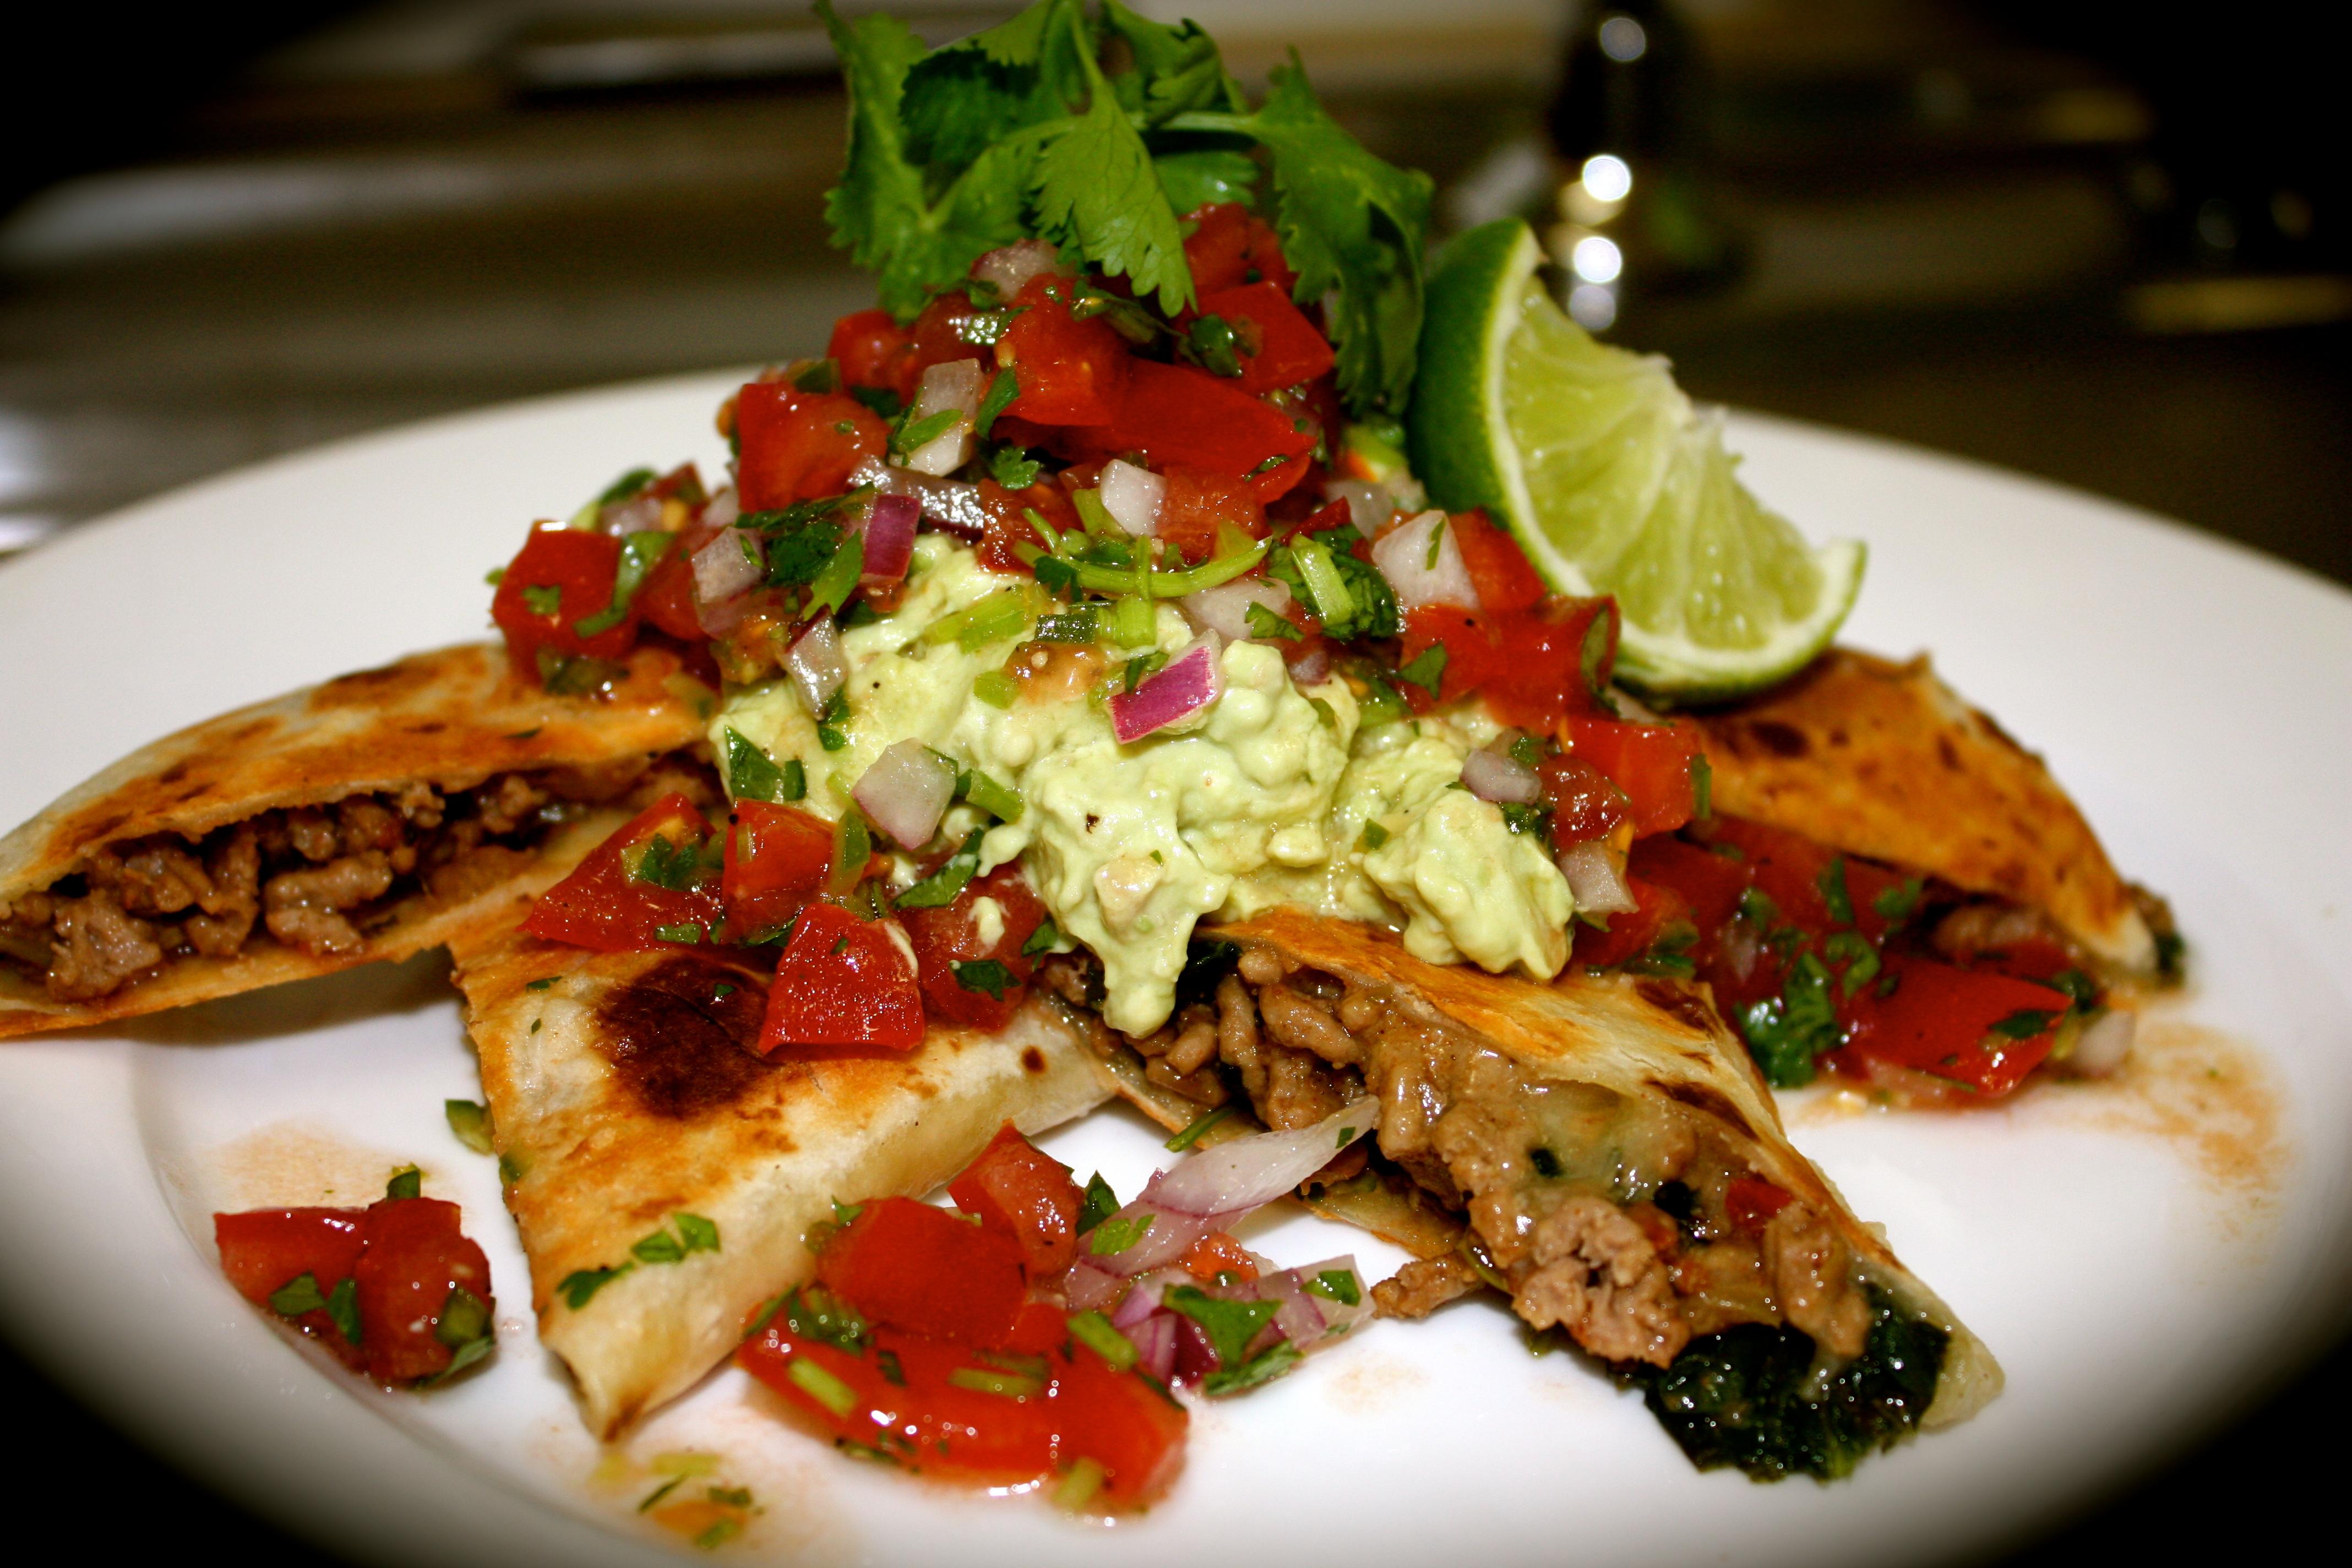 Spicy Lamb & Spinach Quesadillas with Pico De Gallo Salsa & Guacamole